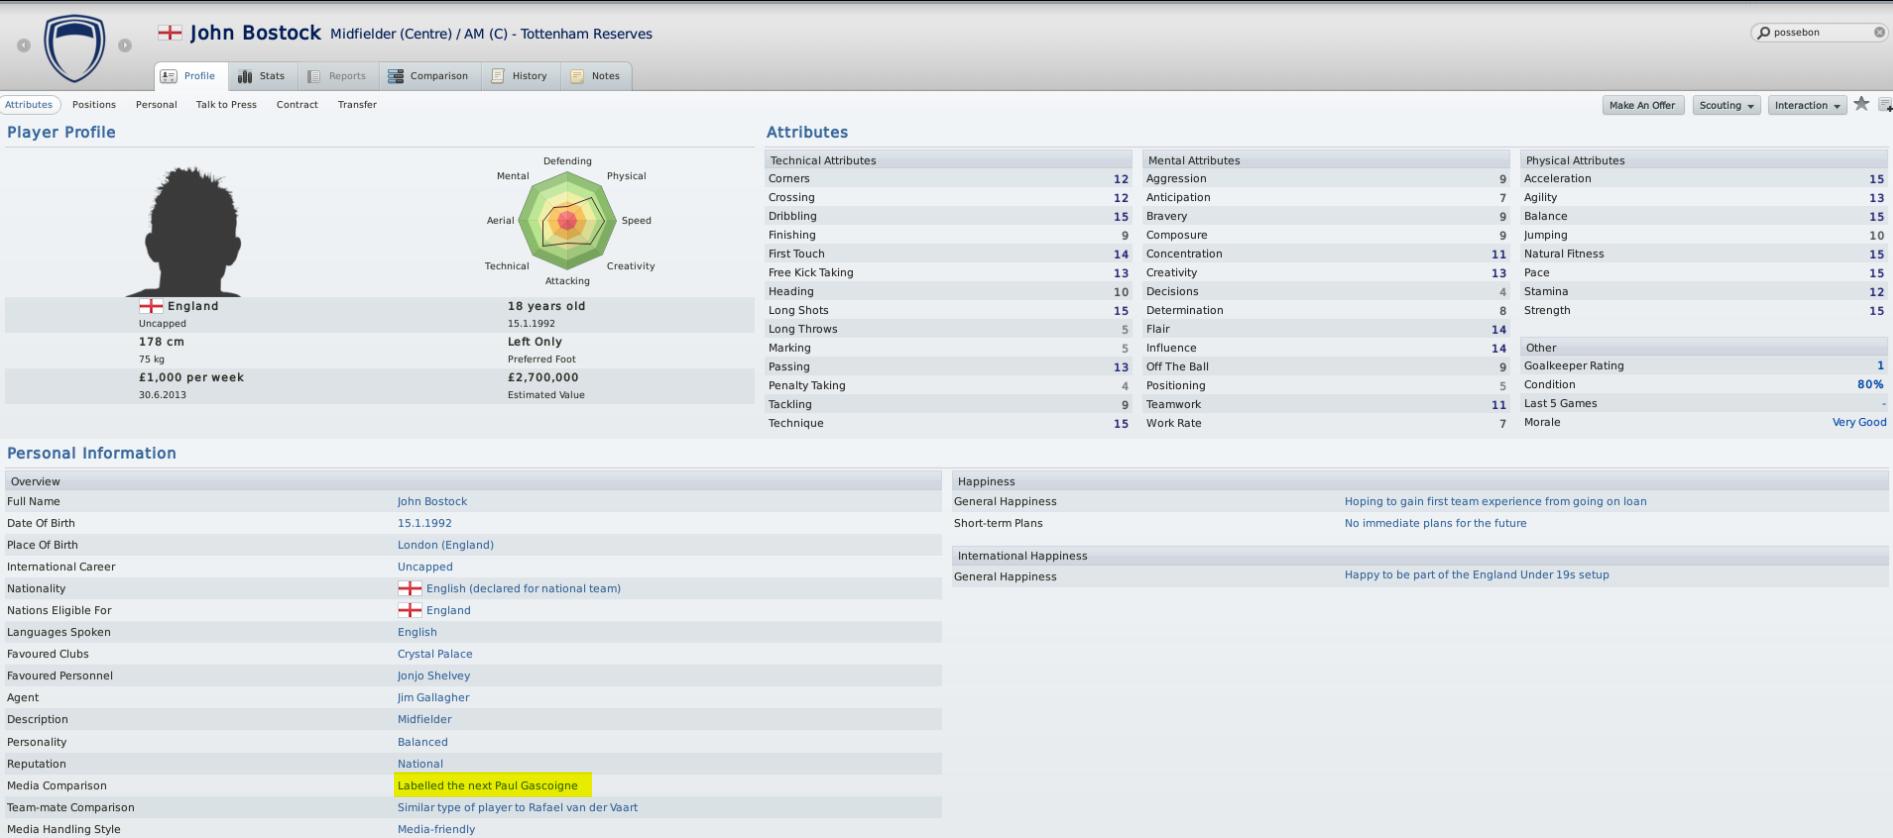 Bostock's FM11 Profile